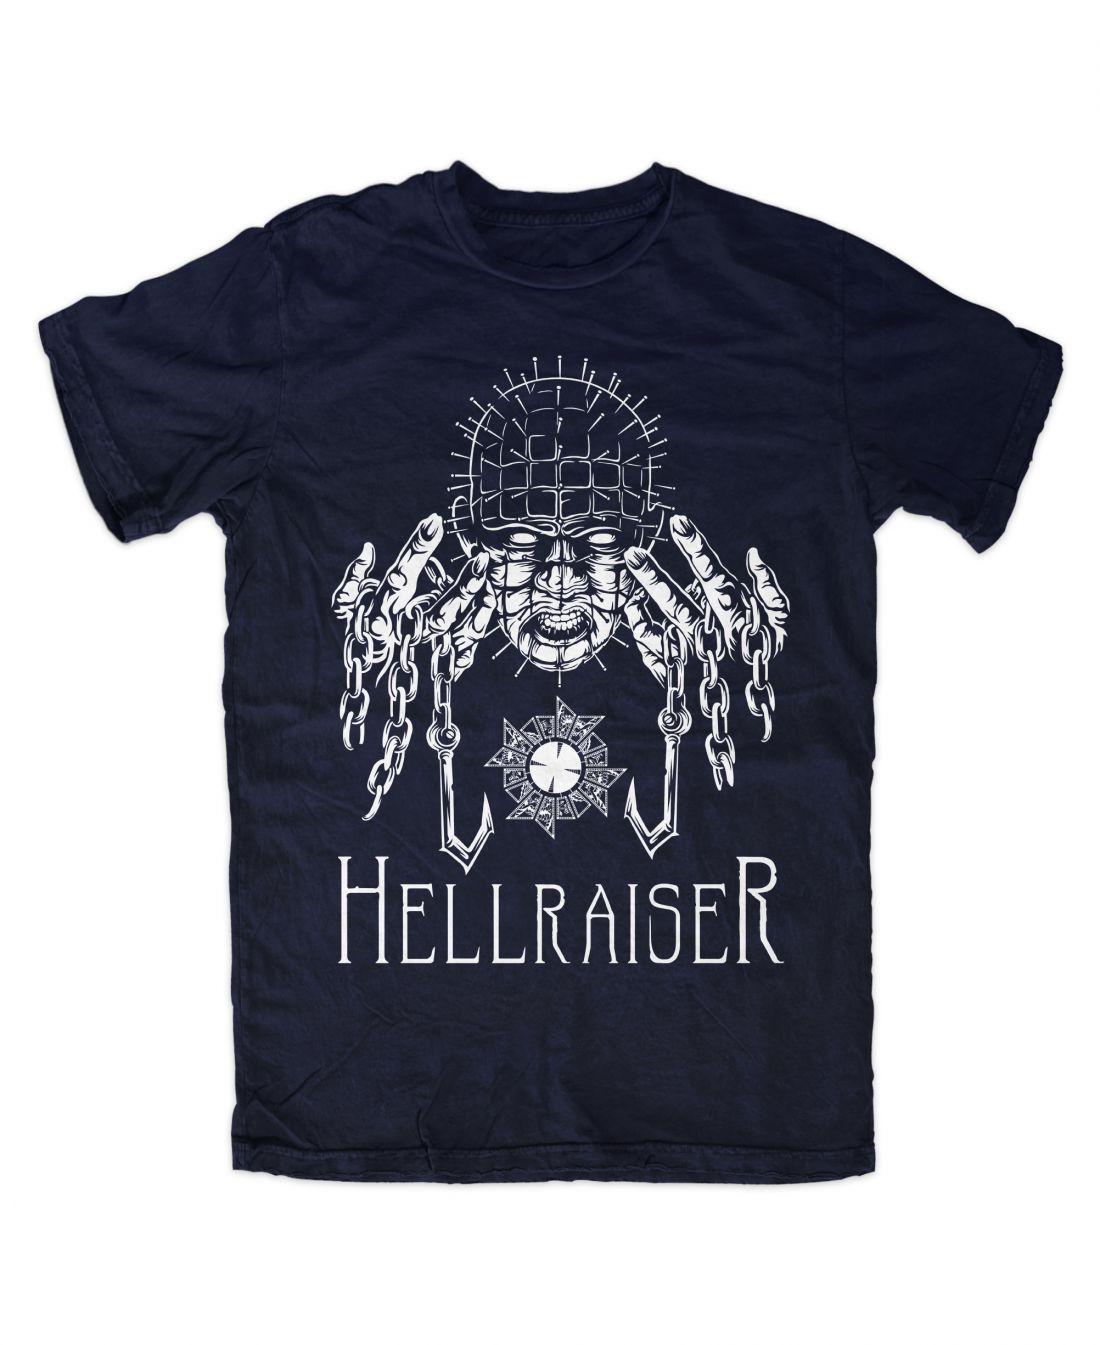 Hellraiser 001 (navy blue póló)